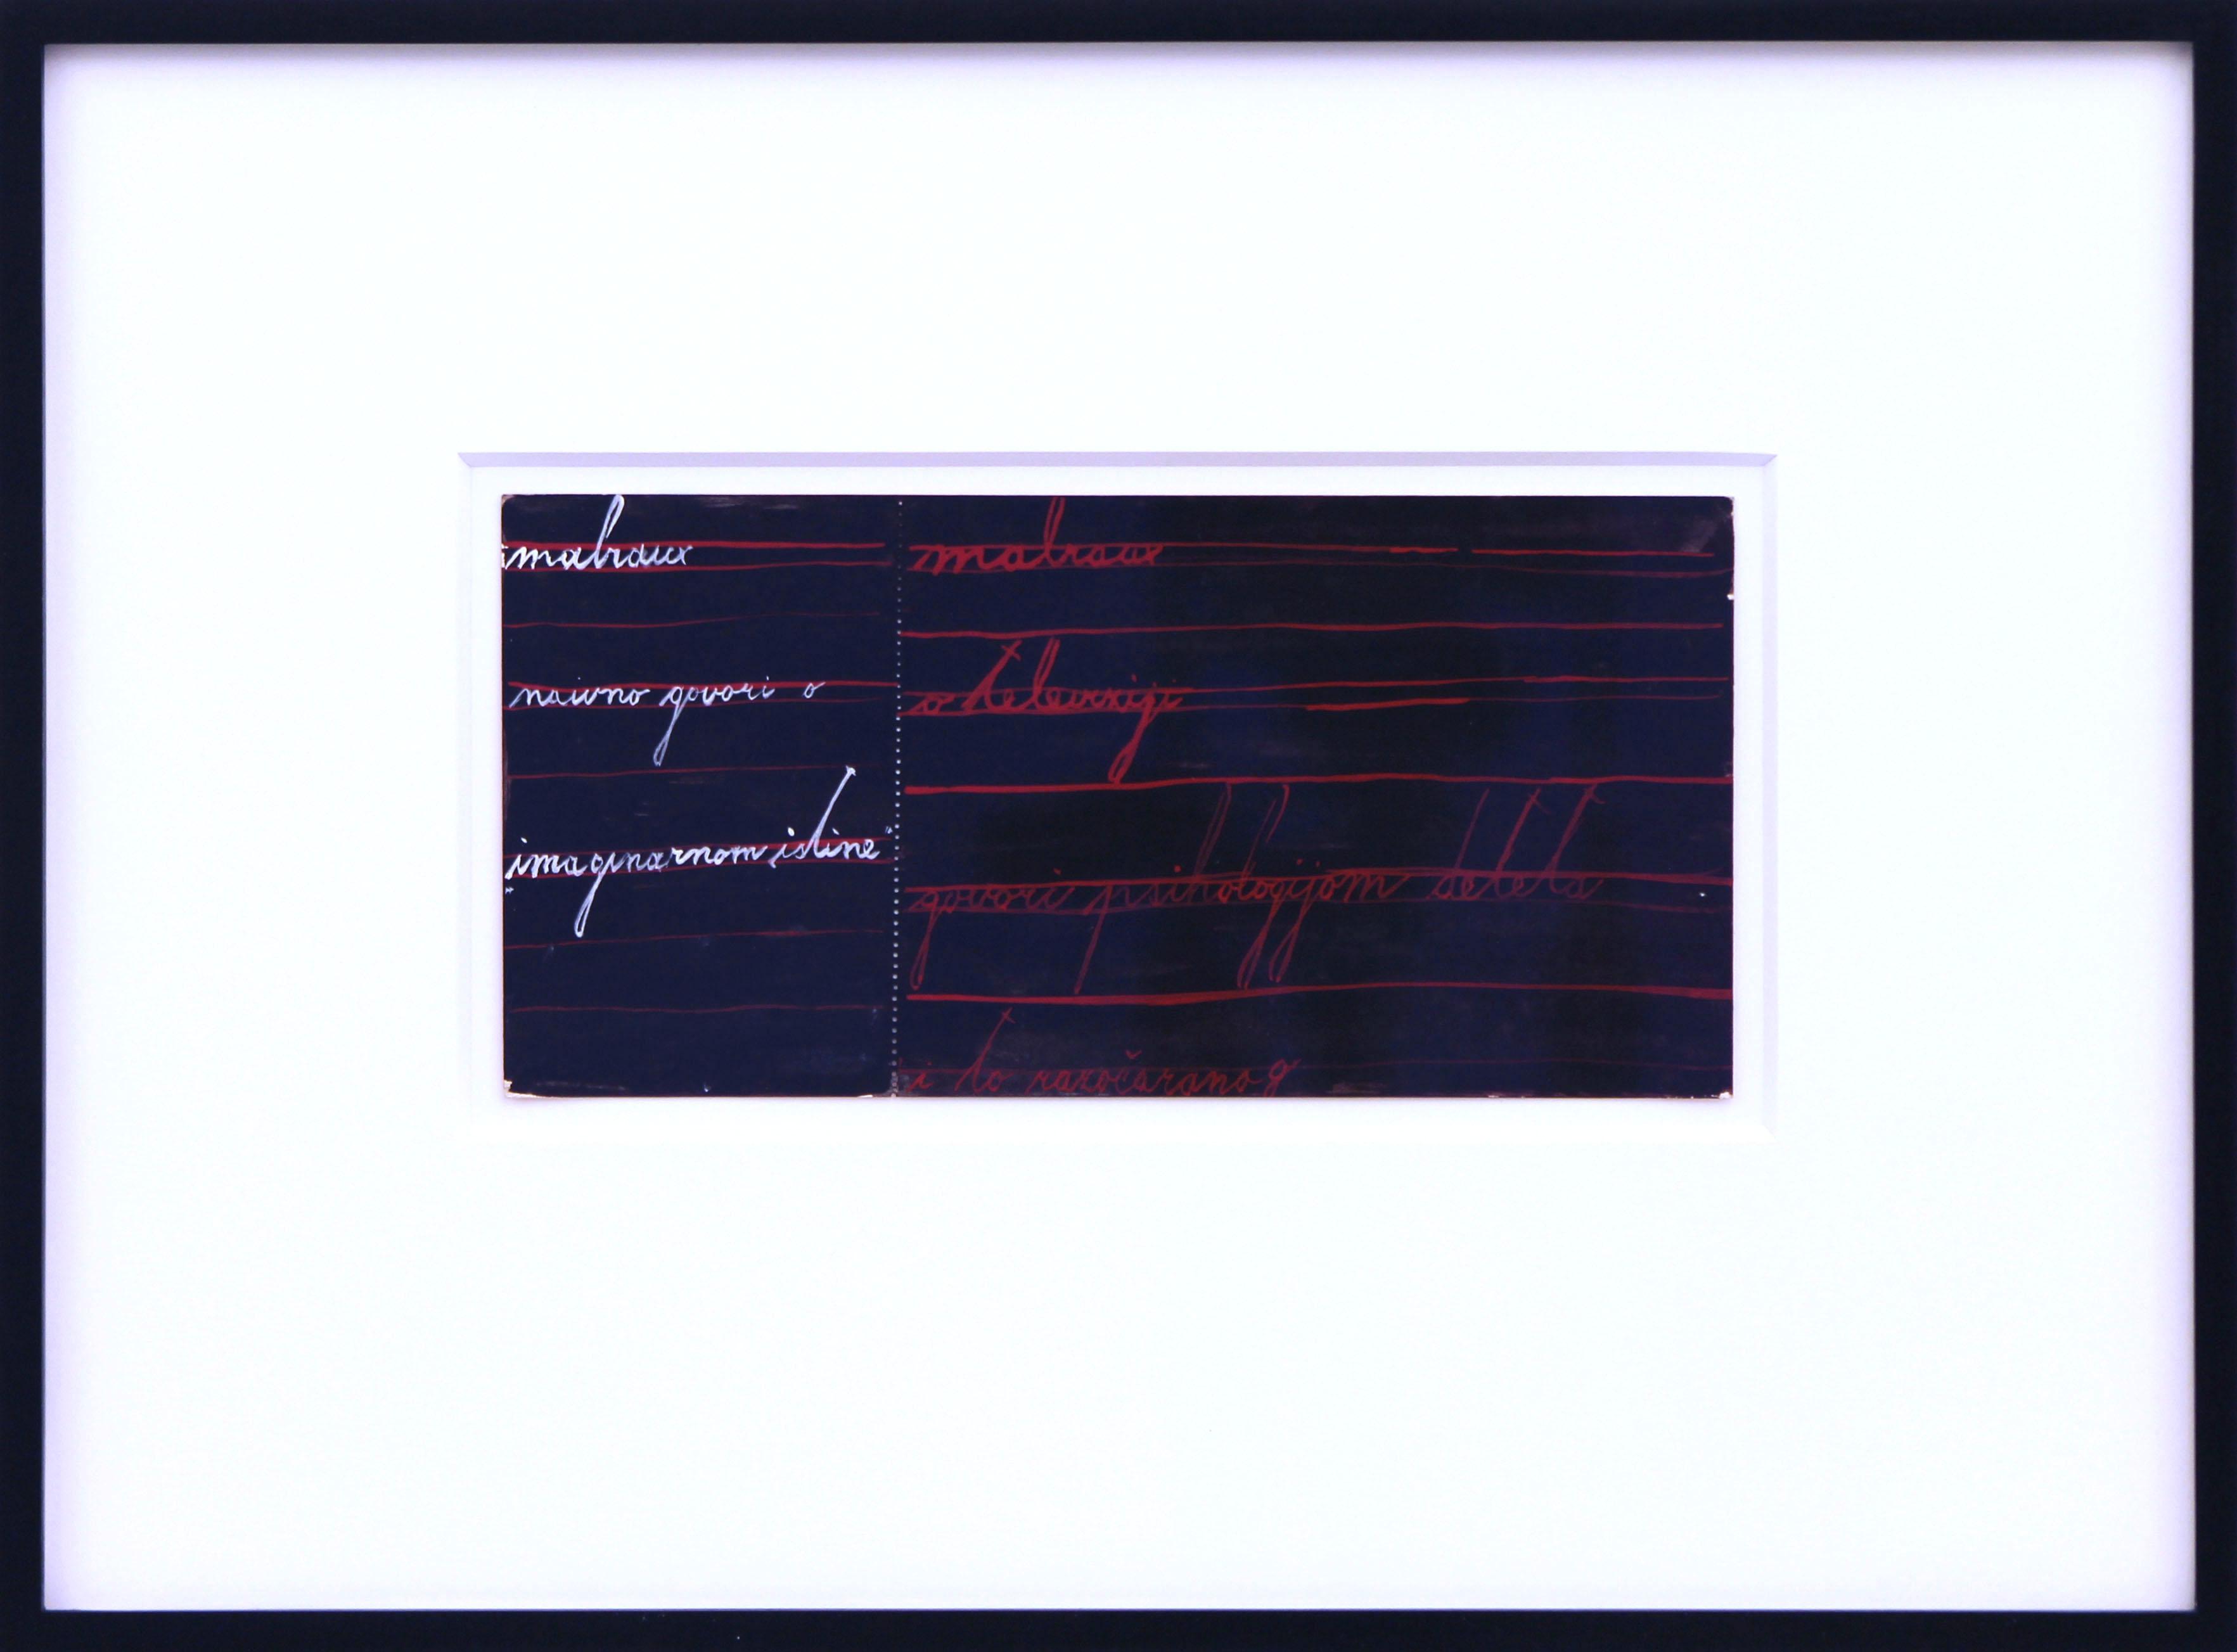 Malraux naivno govori o imaginarnom istine, 27.5 x 37 x 3 cm, 1977